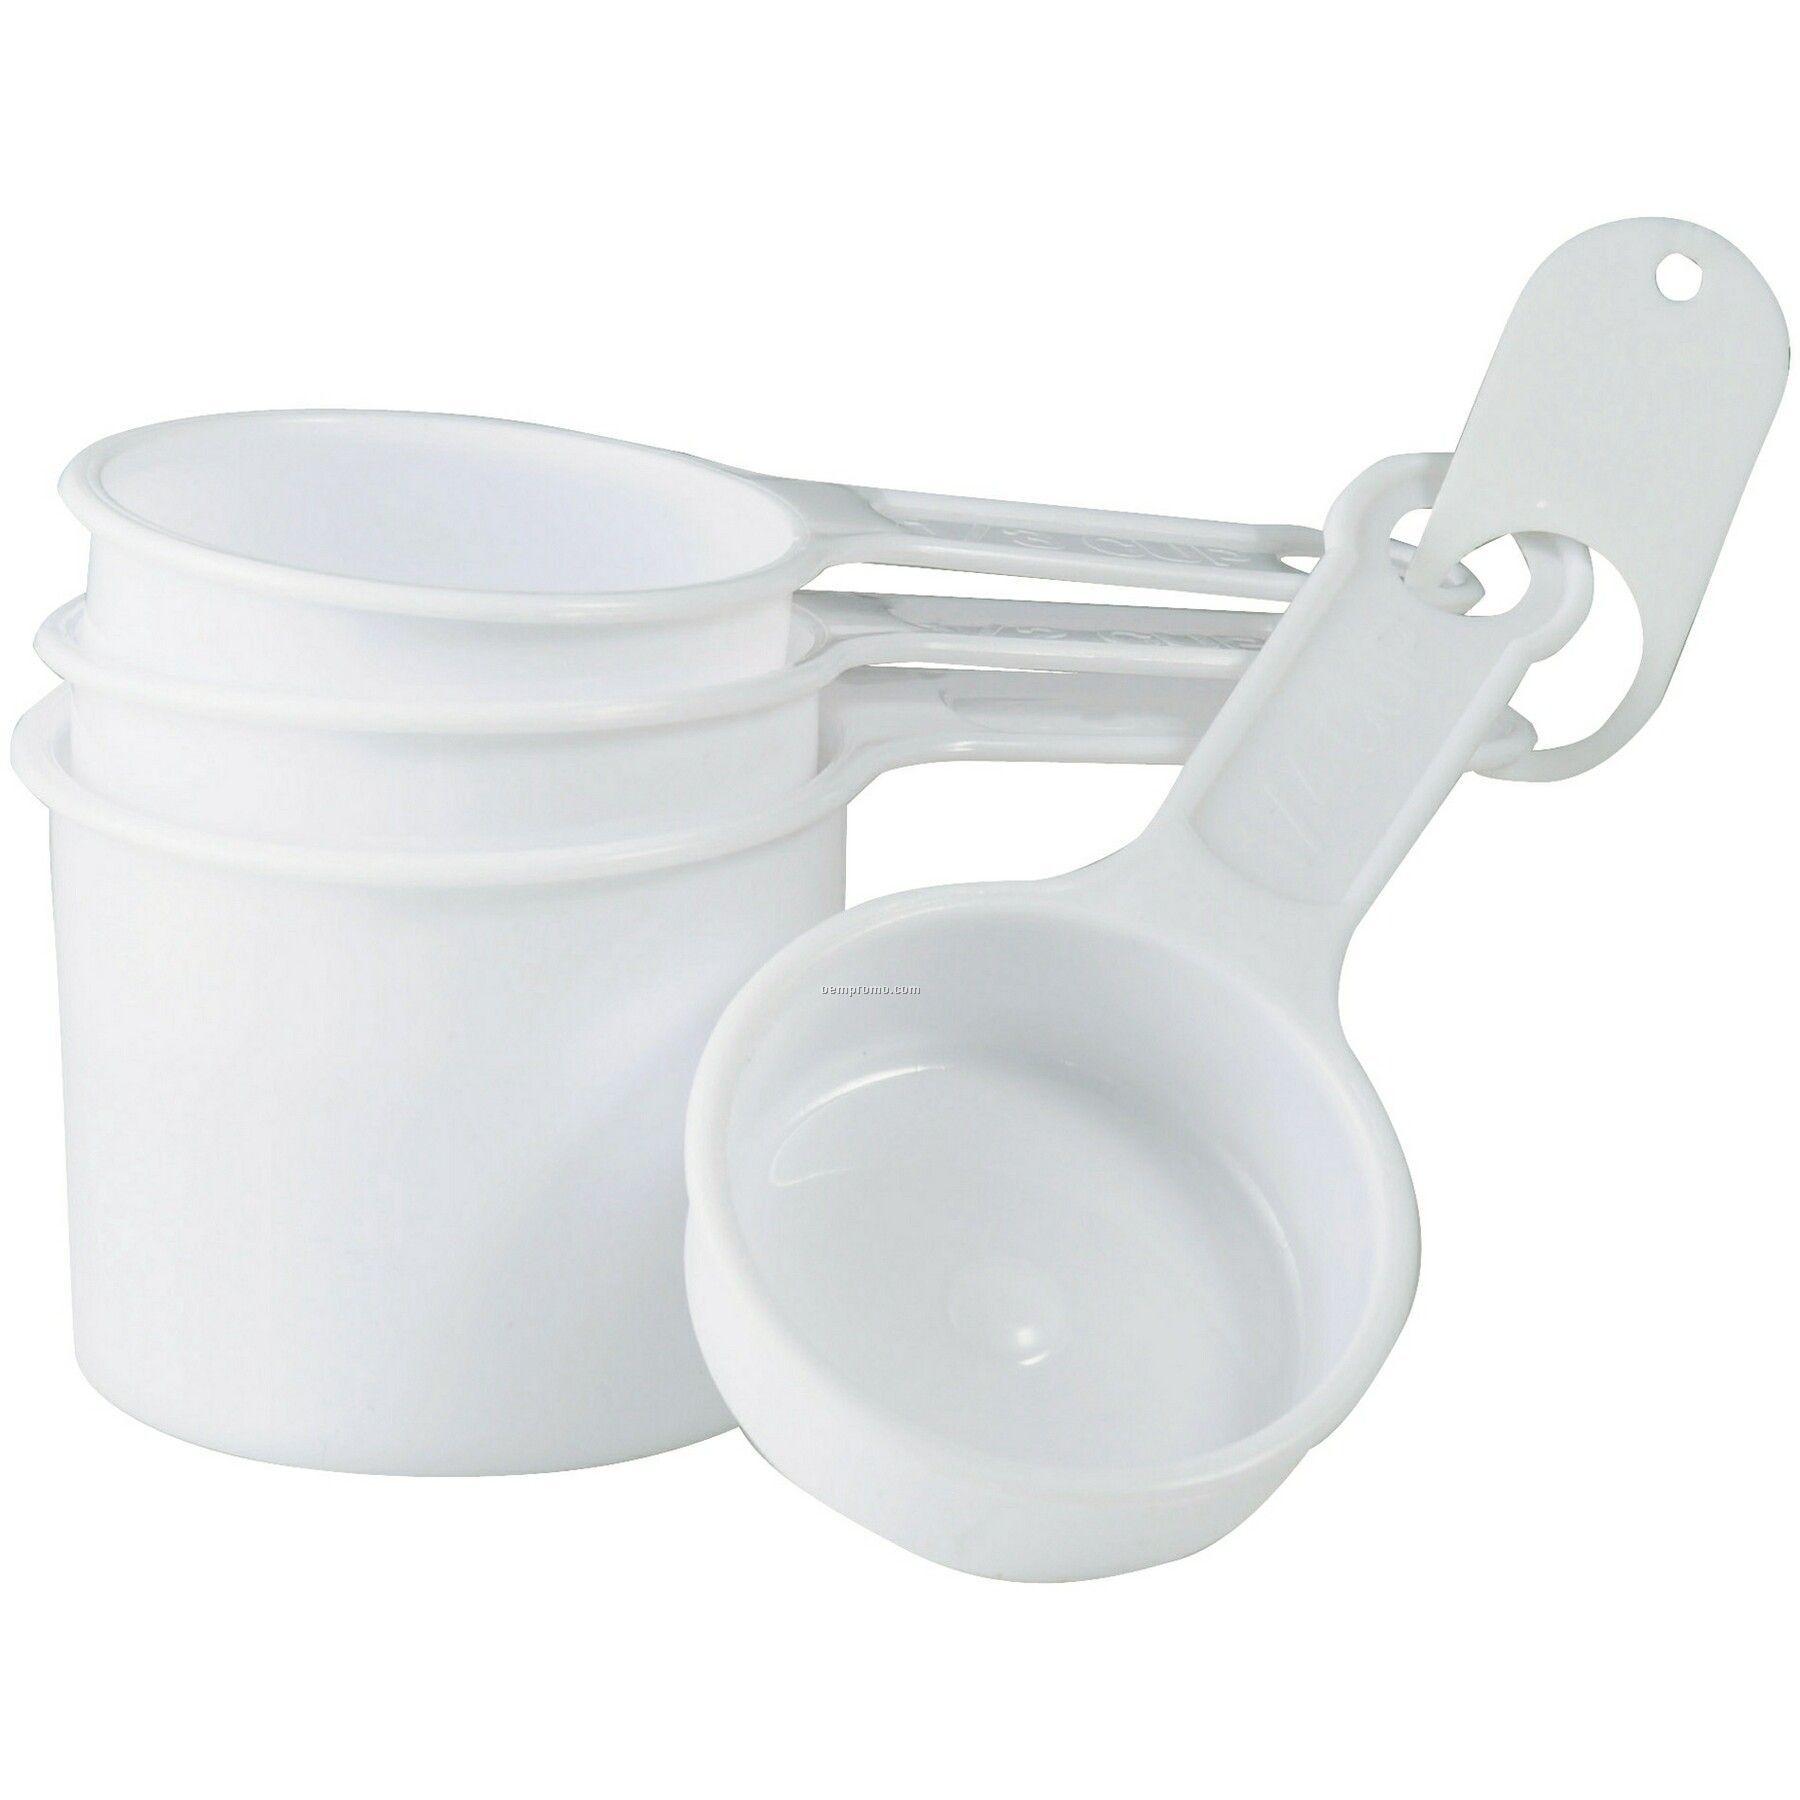 Cocina Measuring Cups